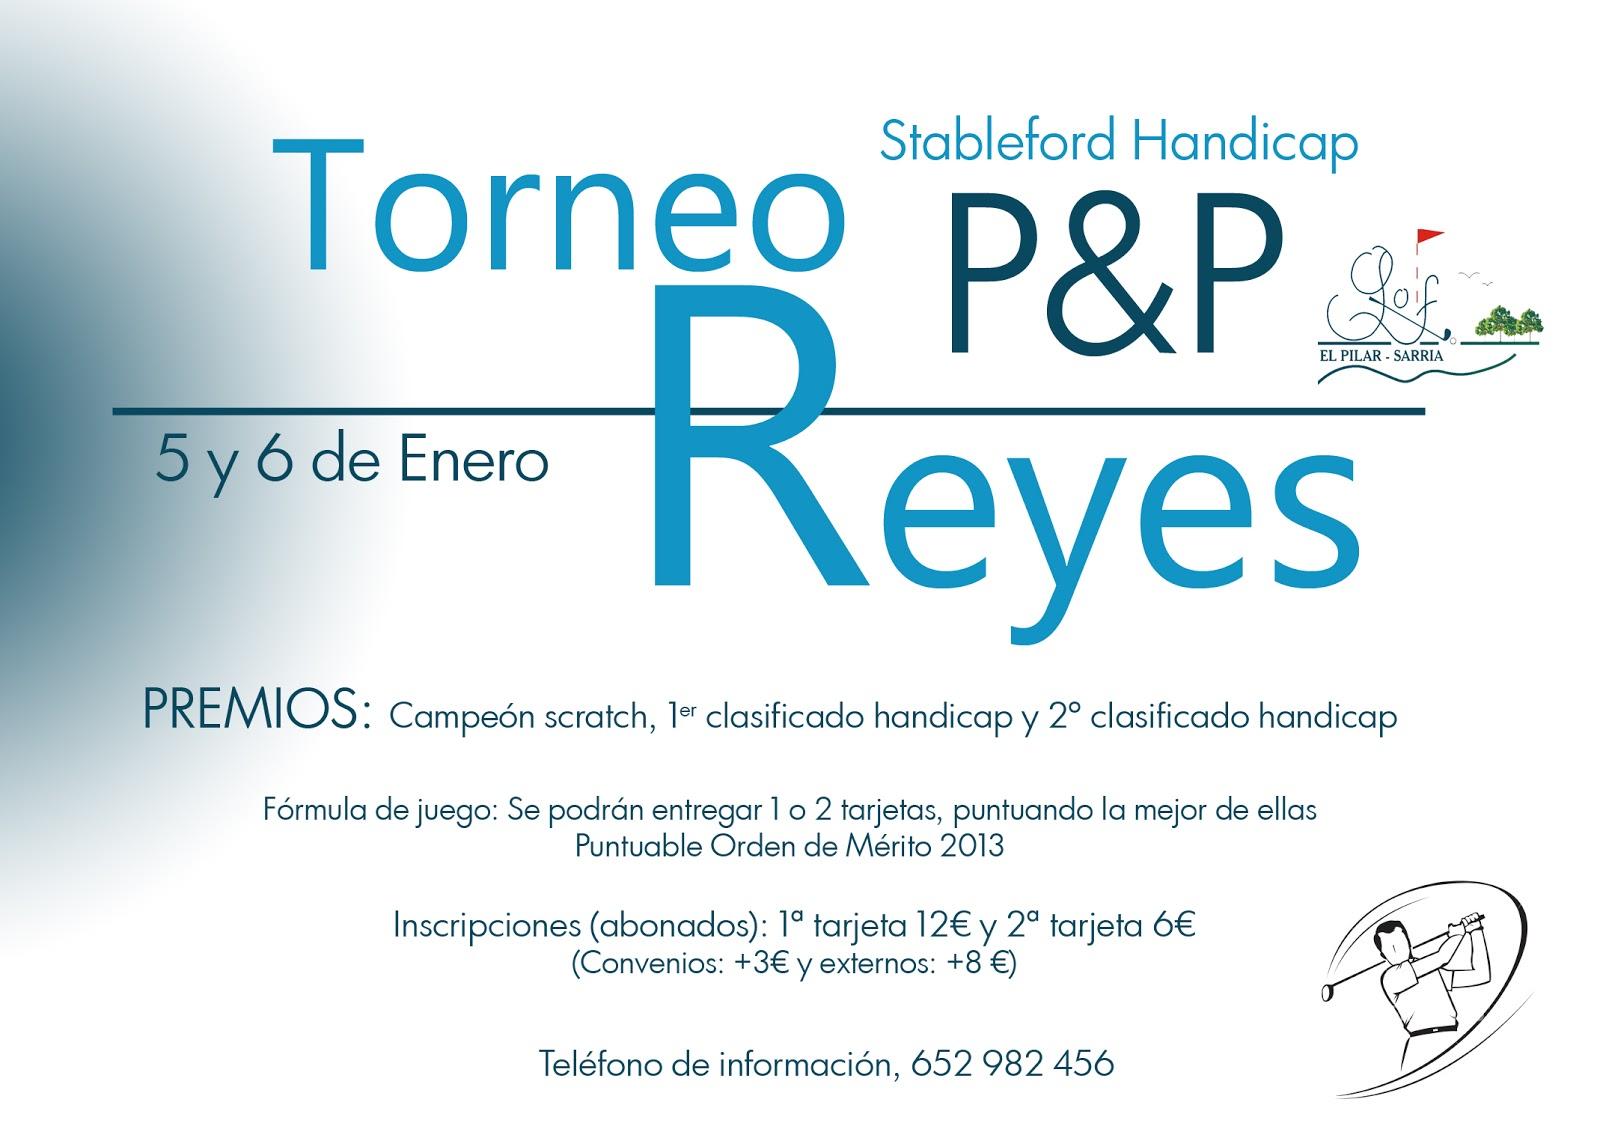 torneo de Reyes en el P&P El Pilar Sarria